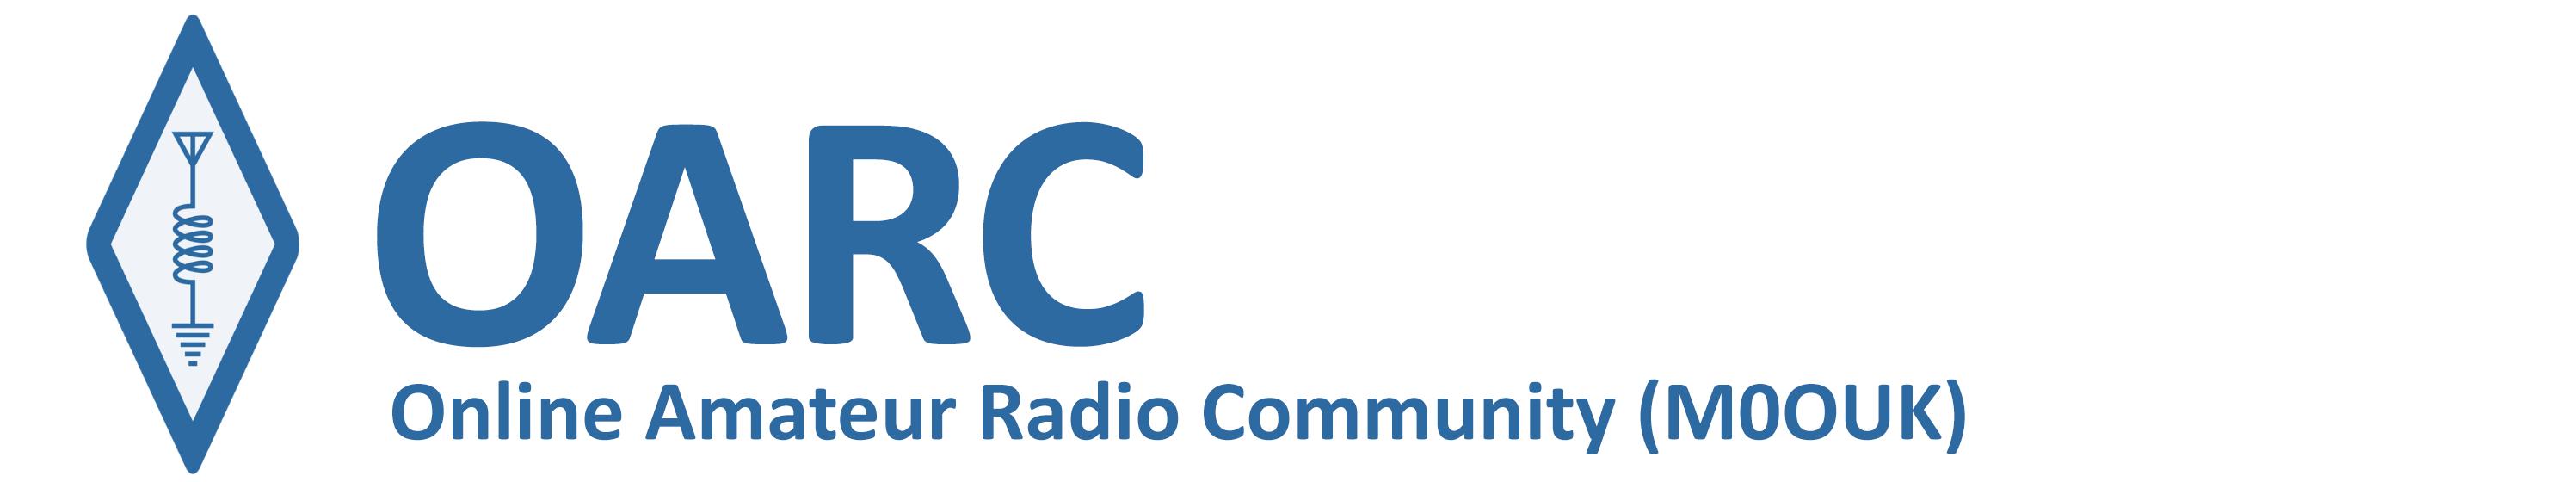 Online Amateur Radio Community (M0OUK)